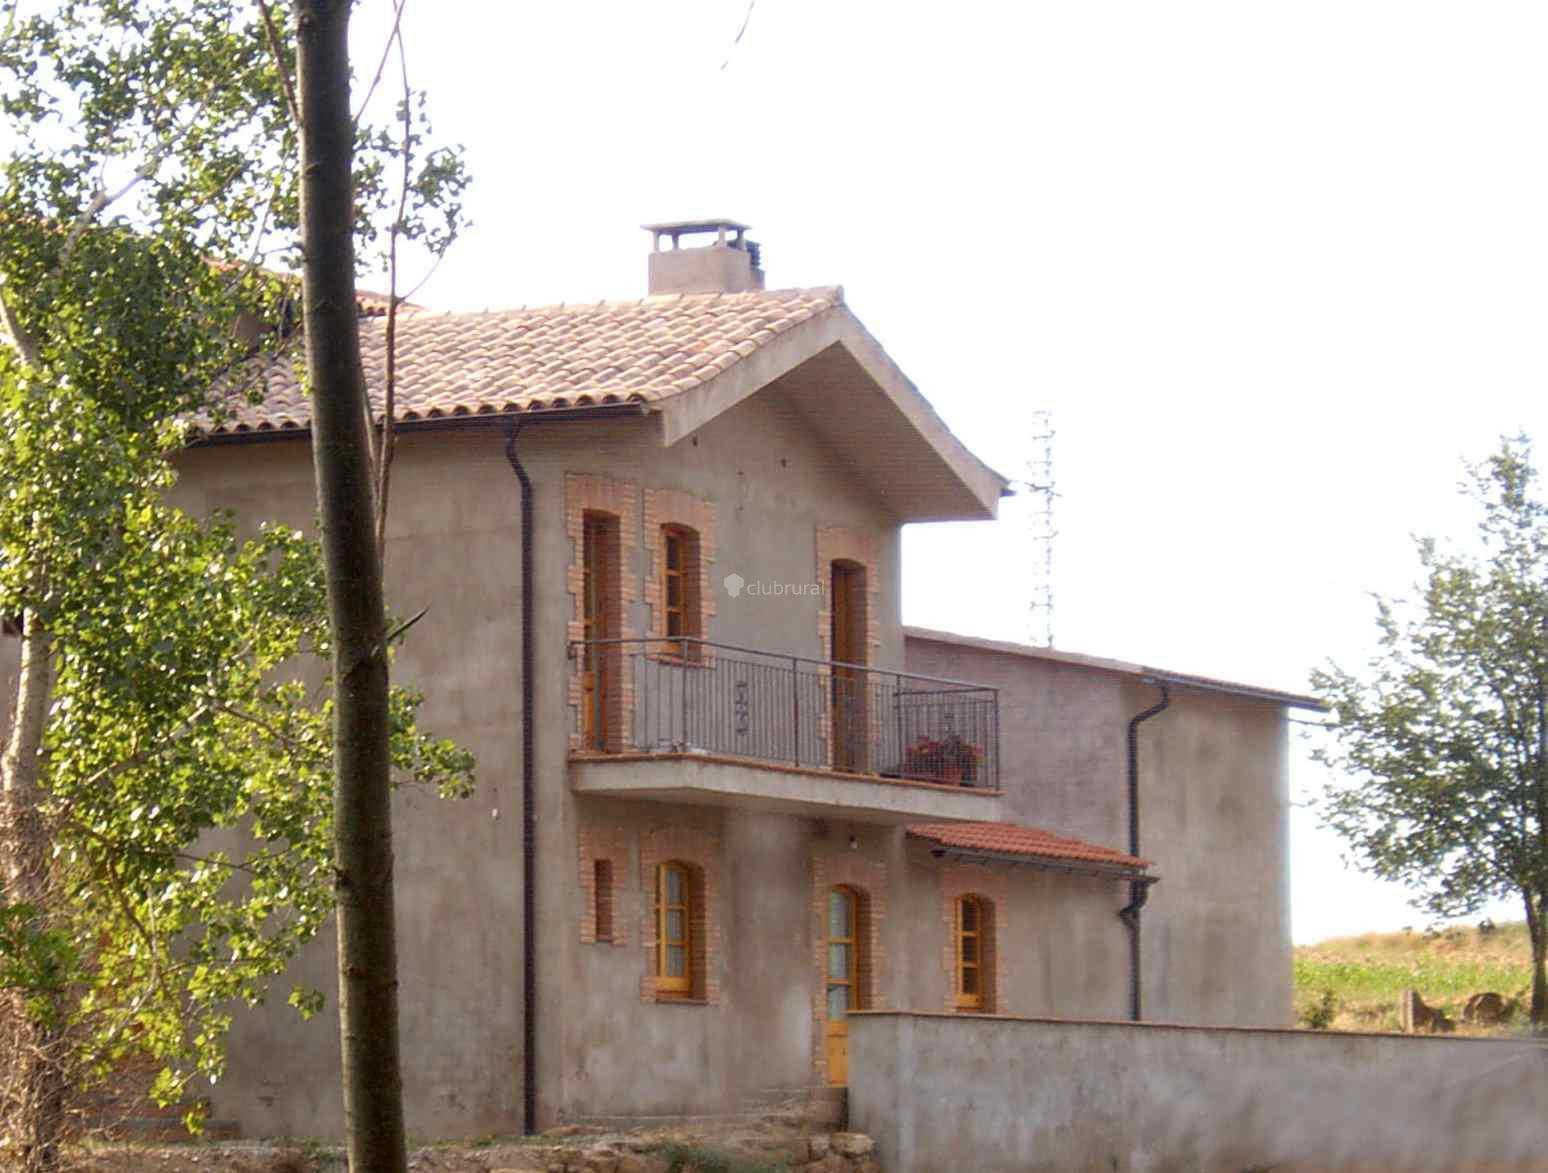 Fotos de casa lluert de clar barcelona avia clubrural - Casa rural economica barcelona ...